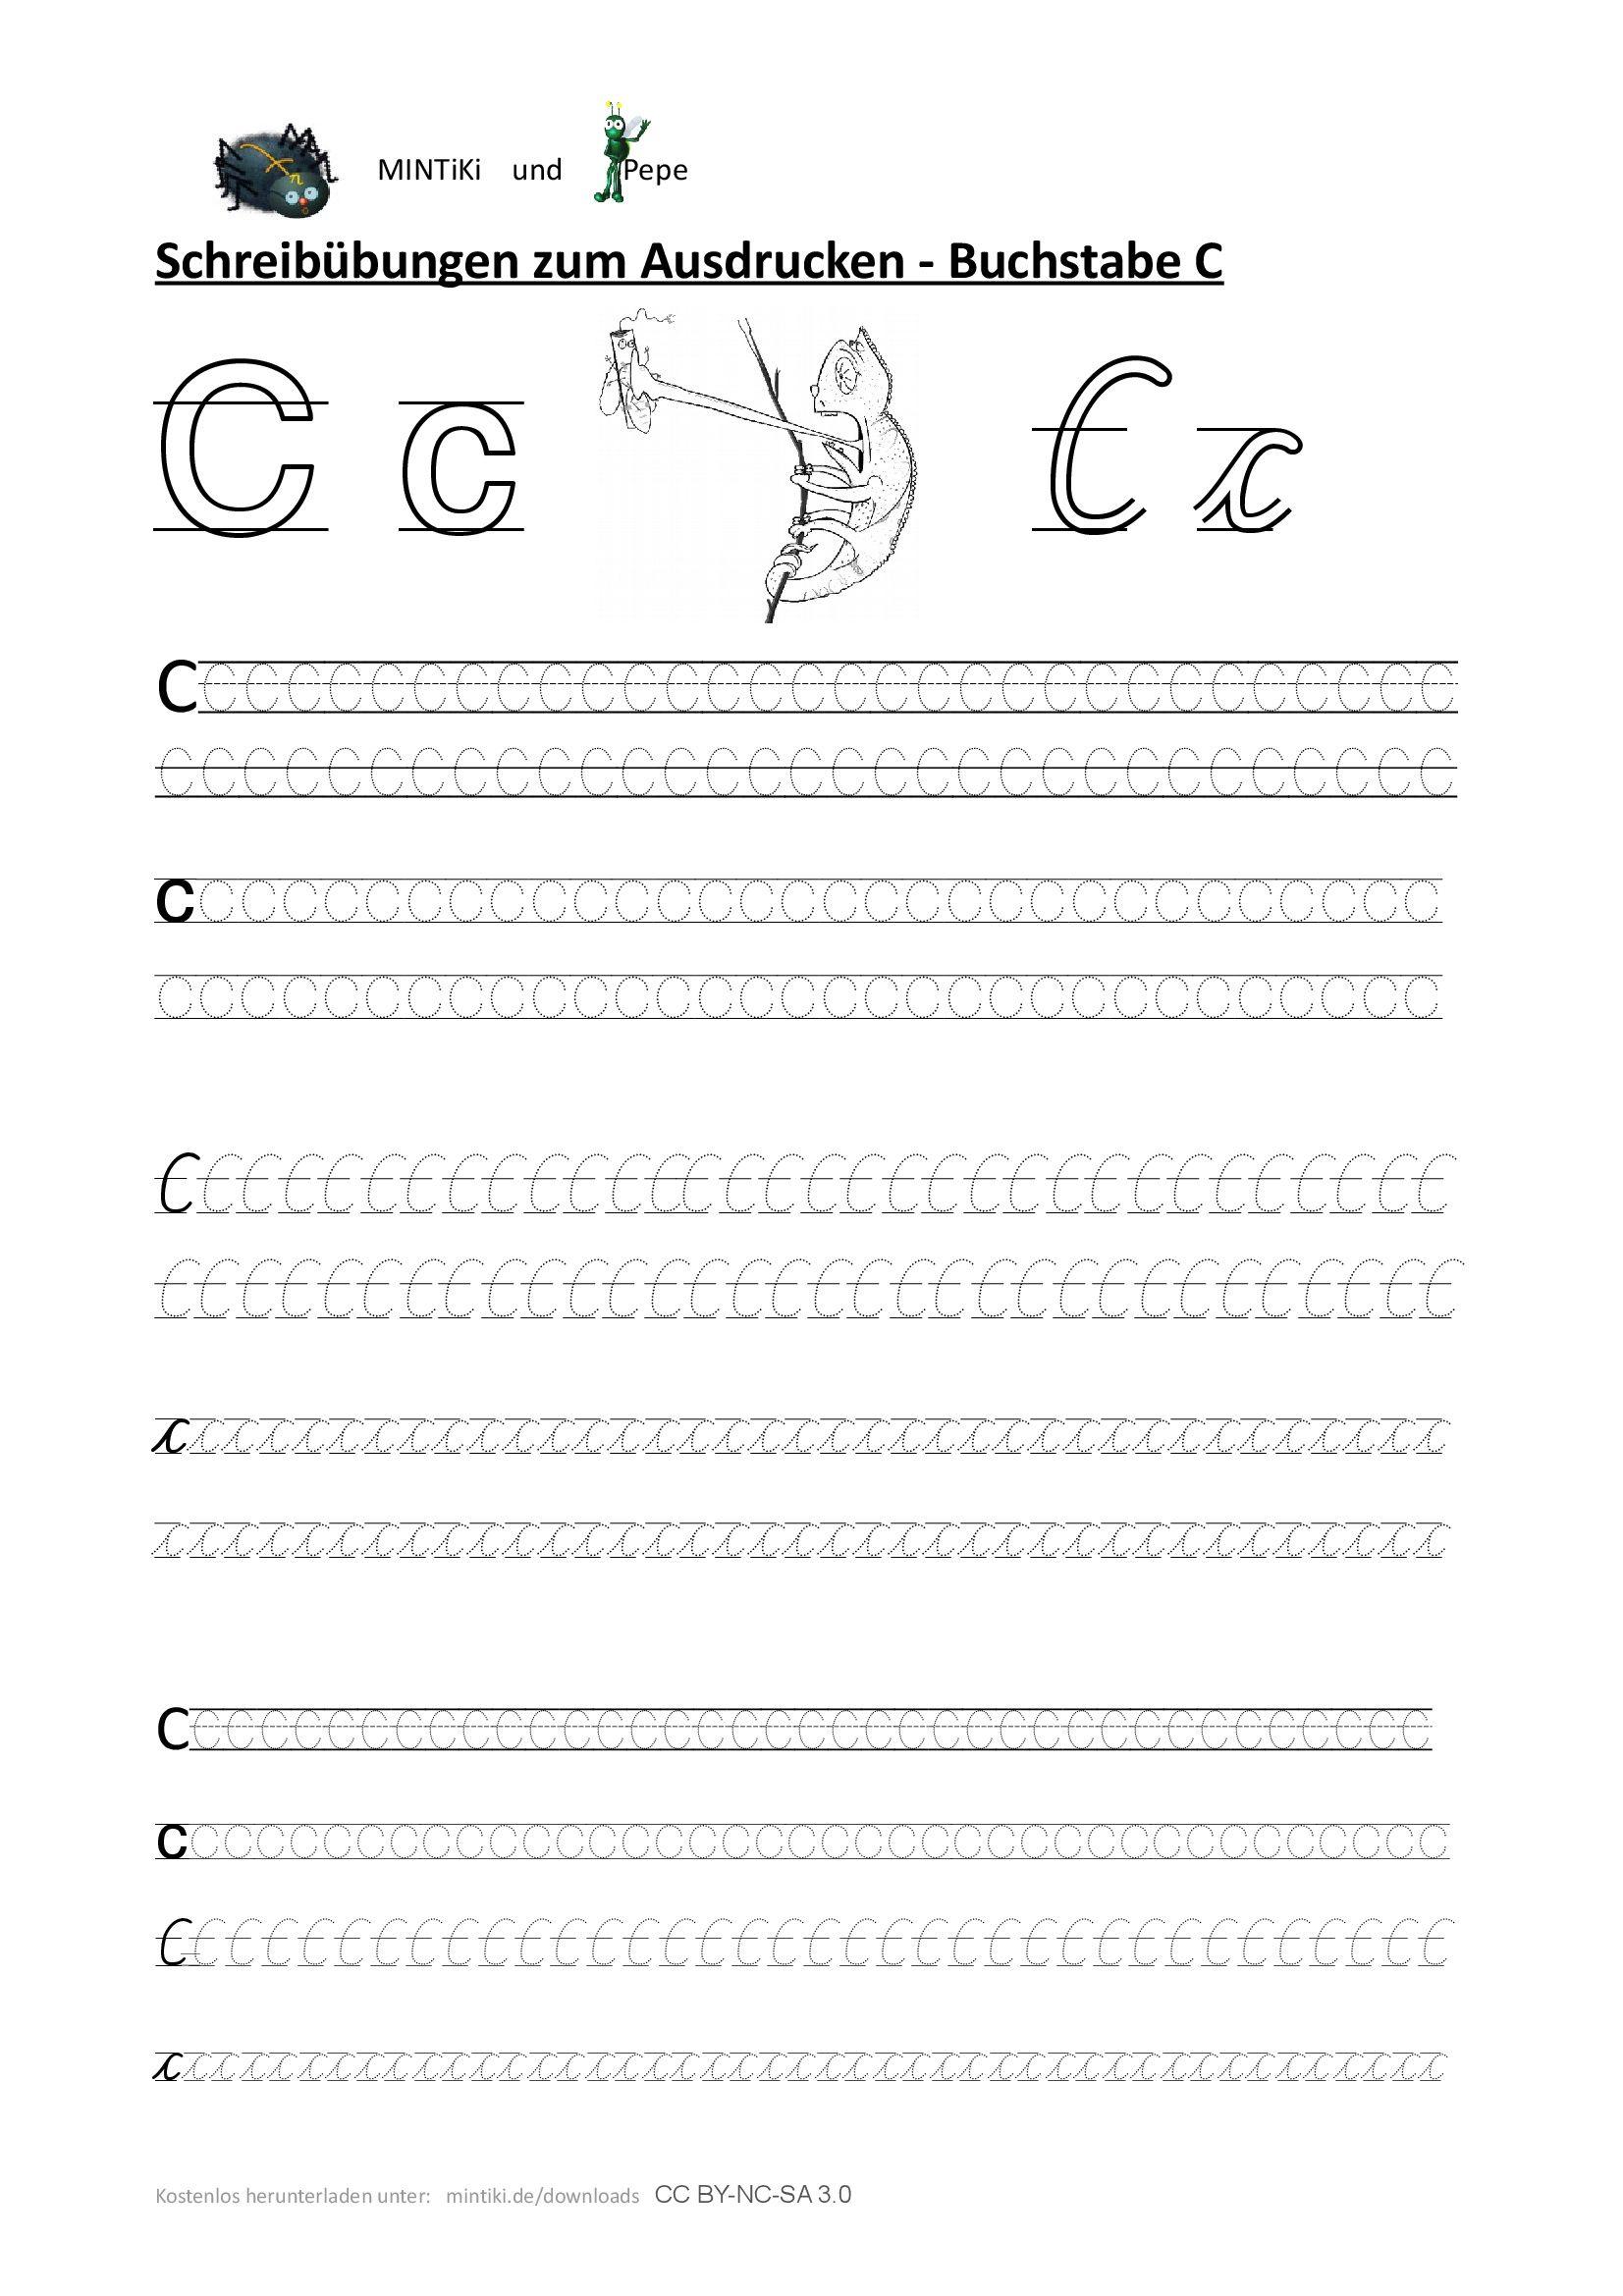 Schreibübung, Buchstabe C, Druckbuchstaben für Alphabet Schreibschrift Grundschule